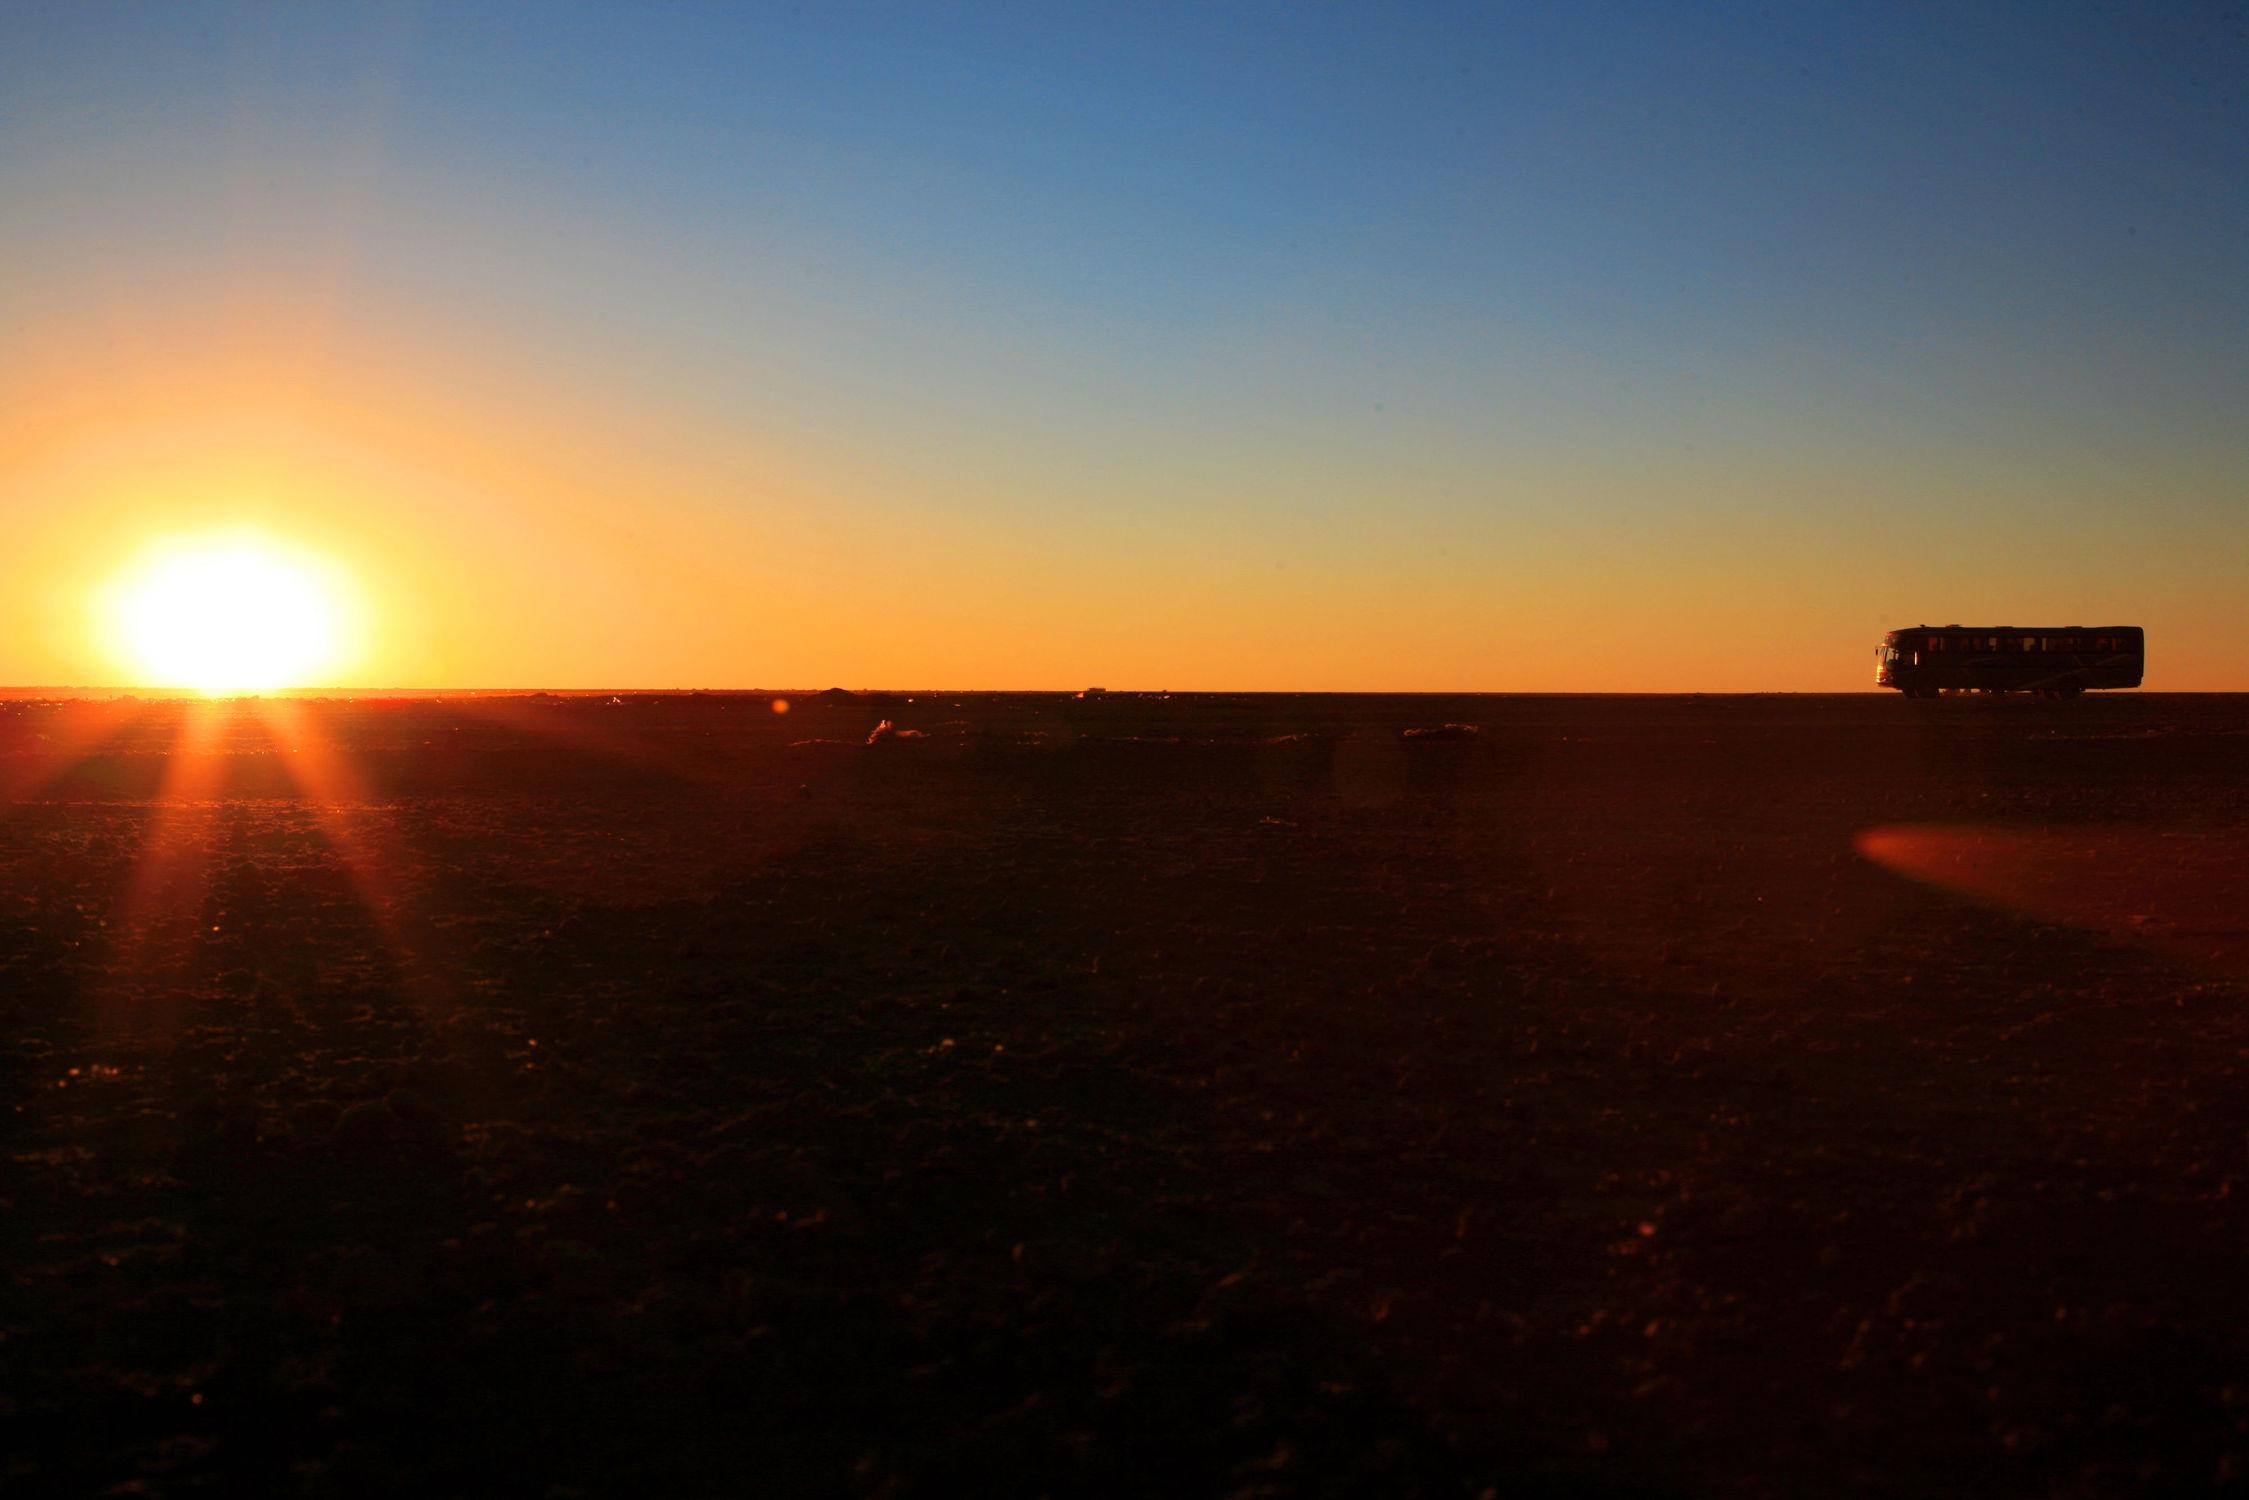 Bild mit Himmel, Sonnenuntergang, Sonnenaufgang, Sonne, Sonnenschein, sun, Sonnen, sunshine